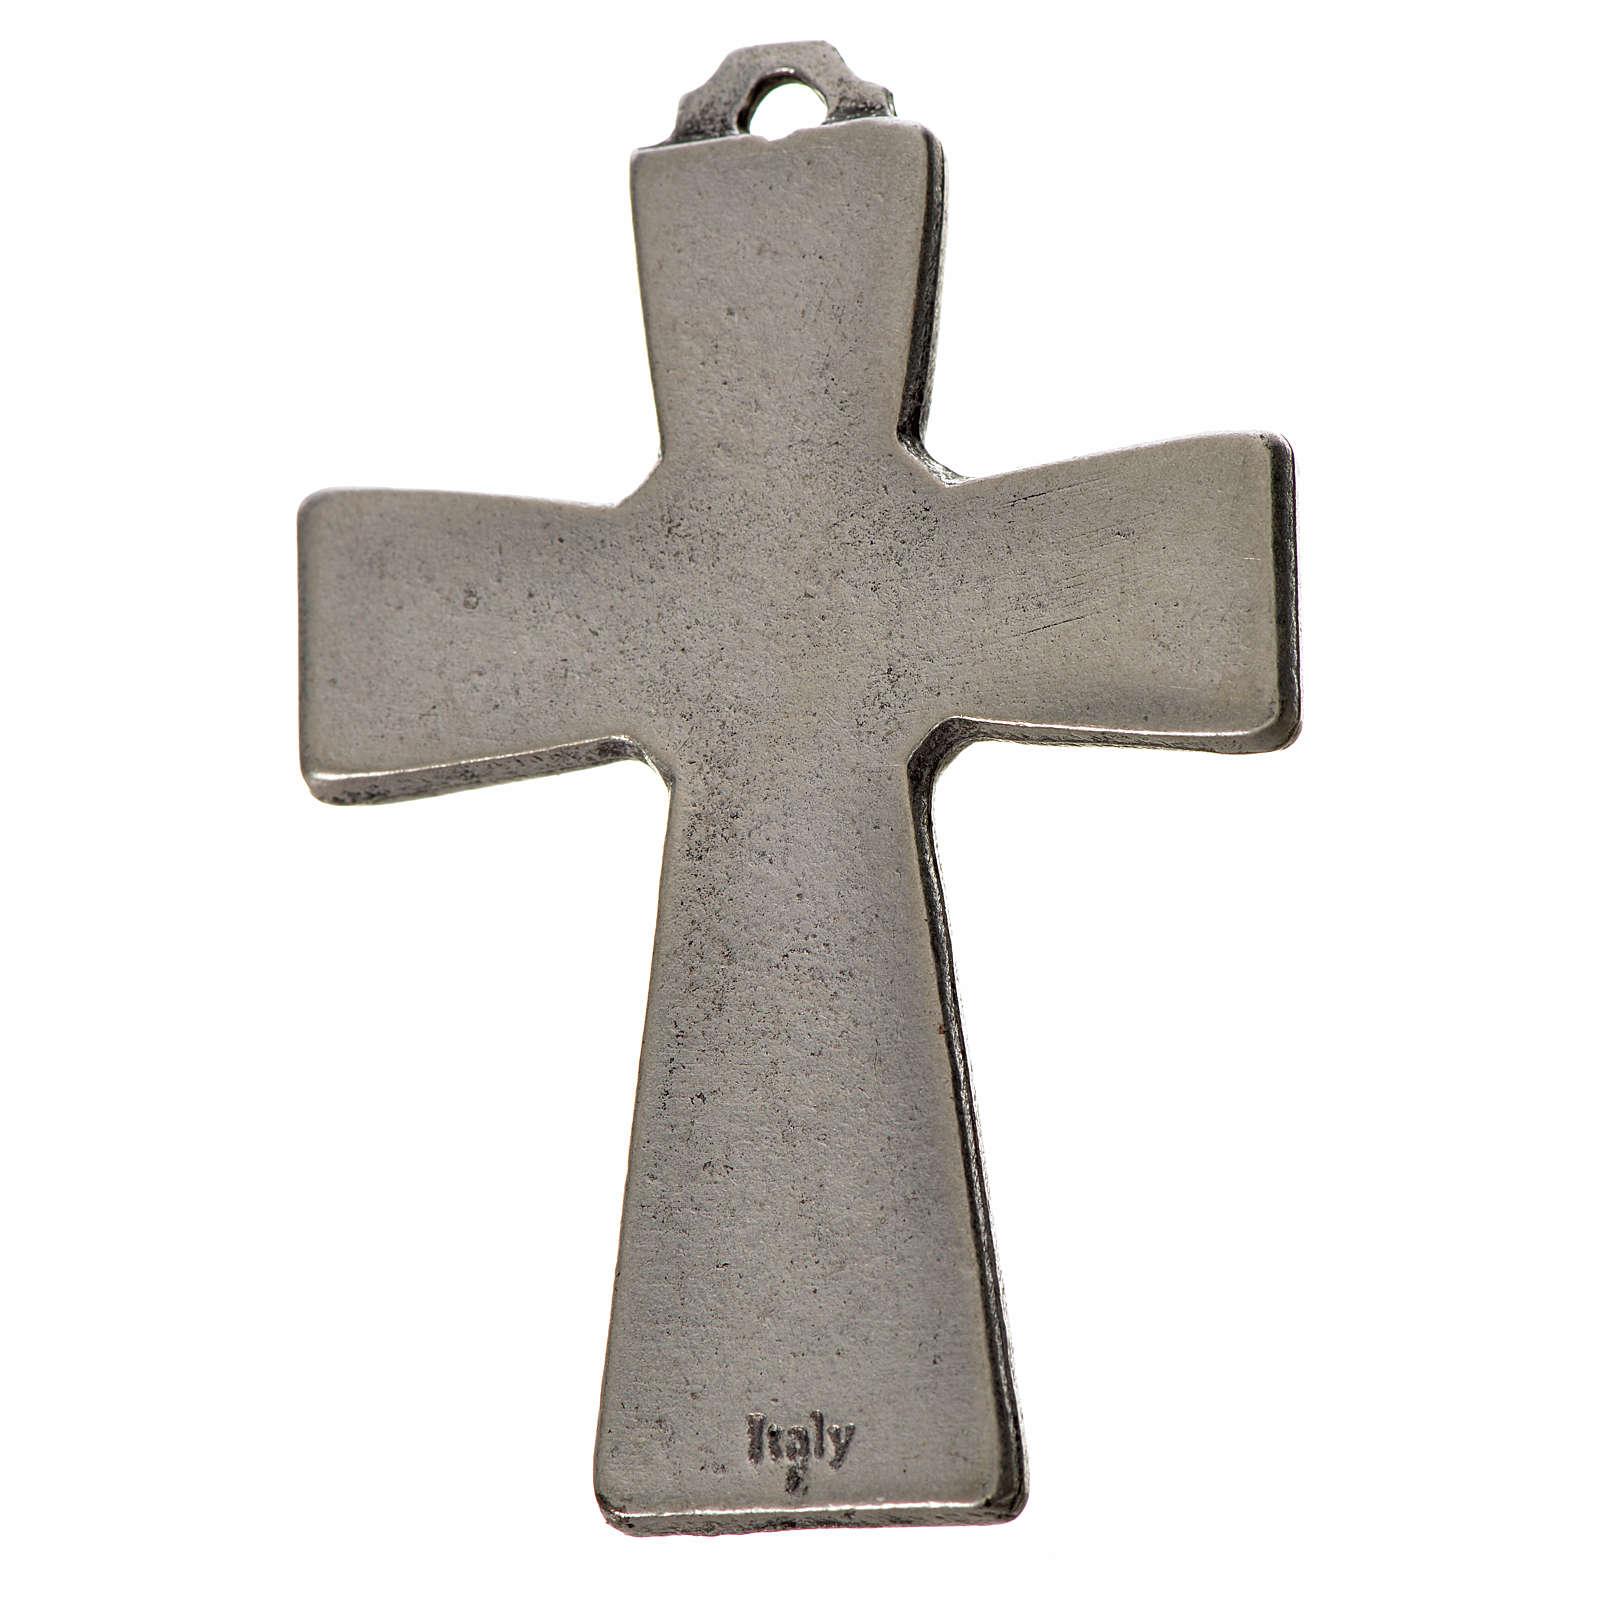 Krzyż Duch święty zama 5 X 3,5cm emalia biała 4